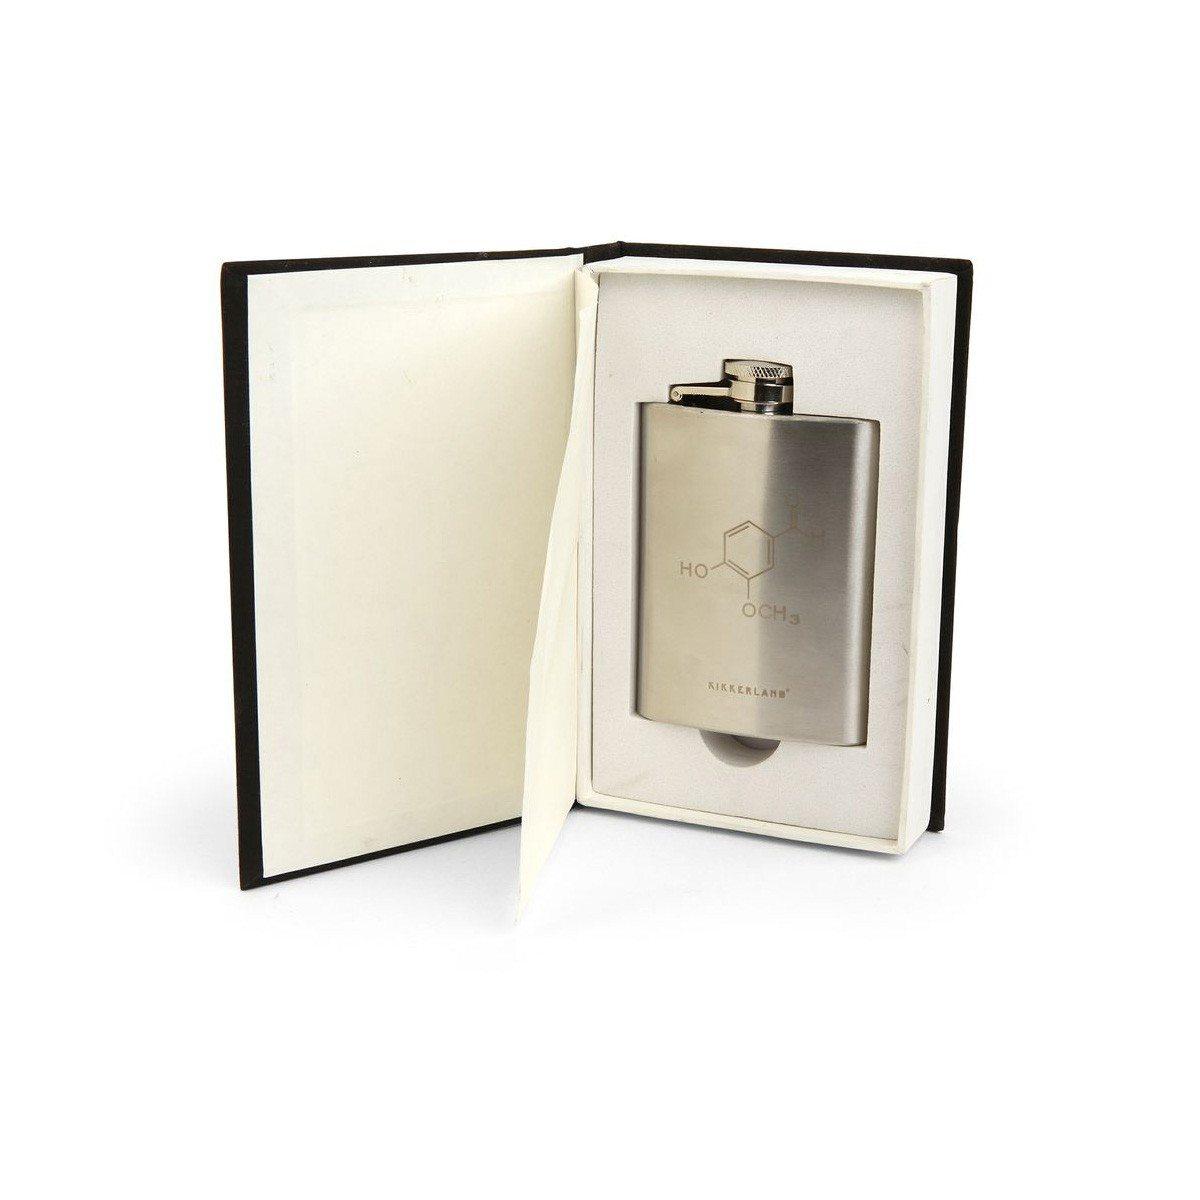 De chemische samenstelling van alcohol – zakflacon in boek